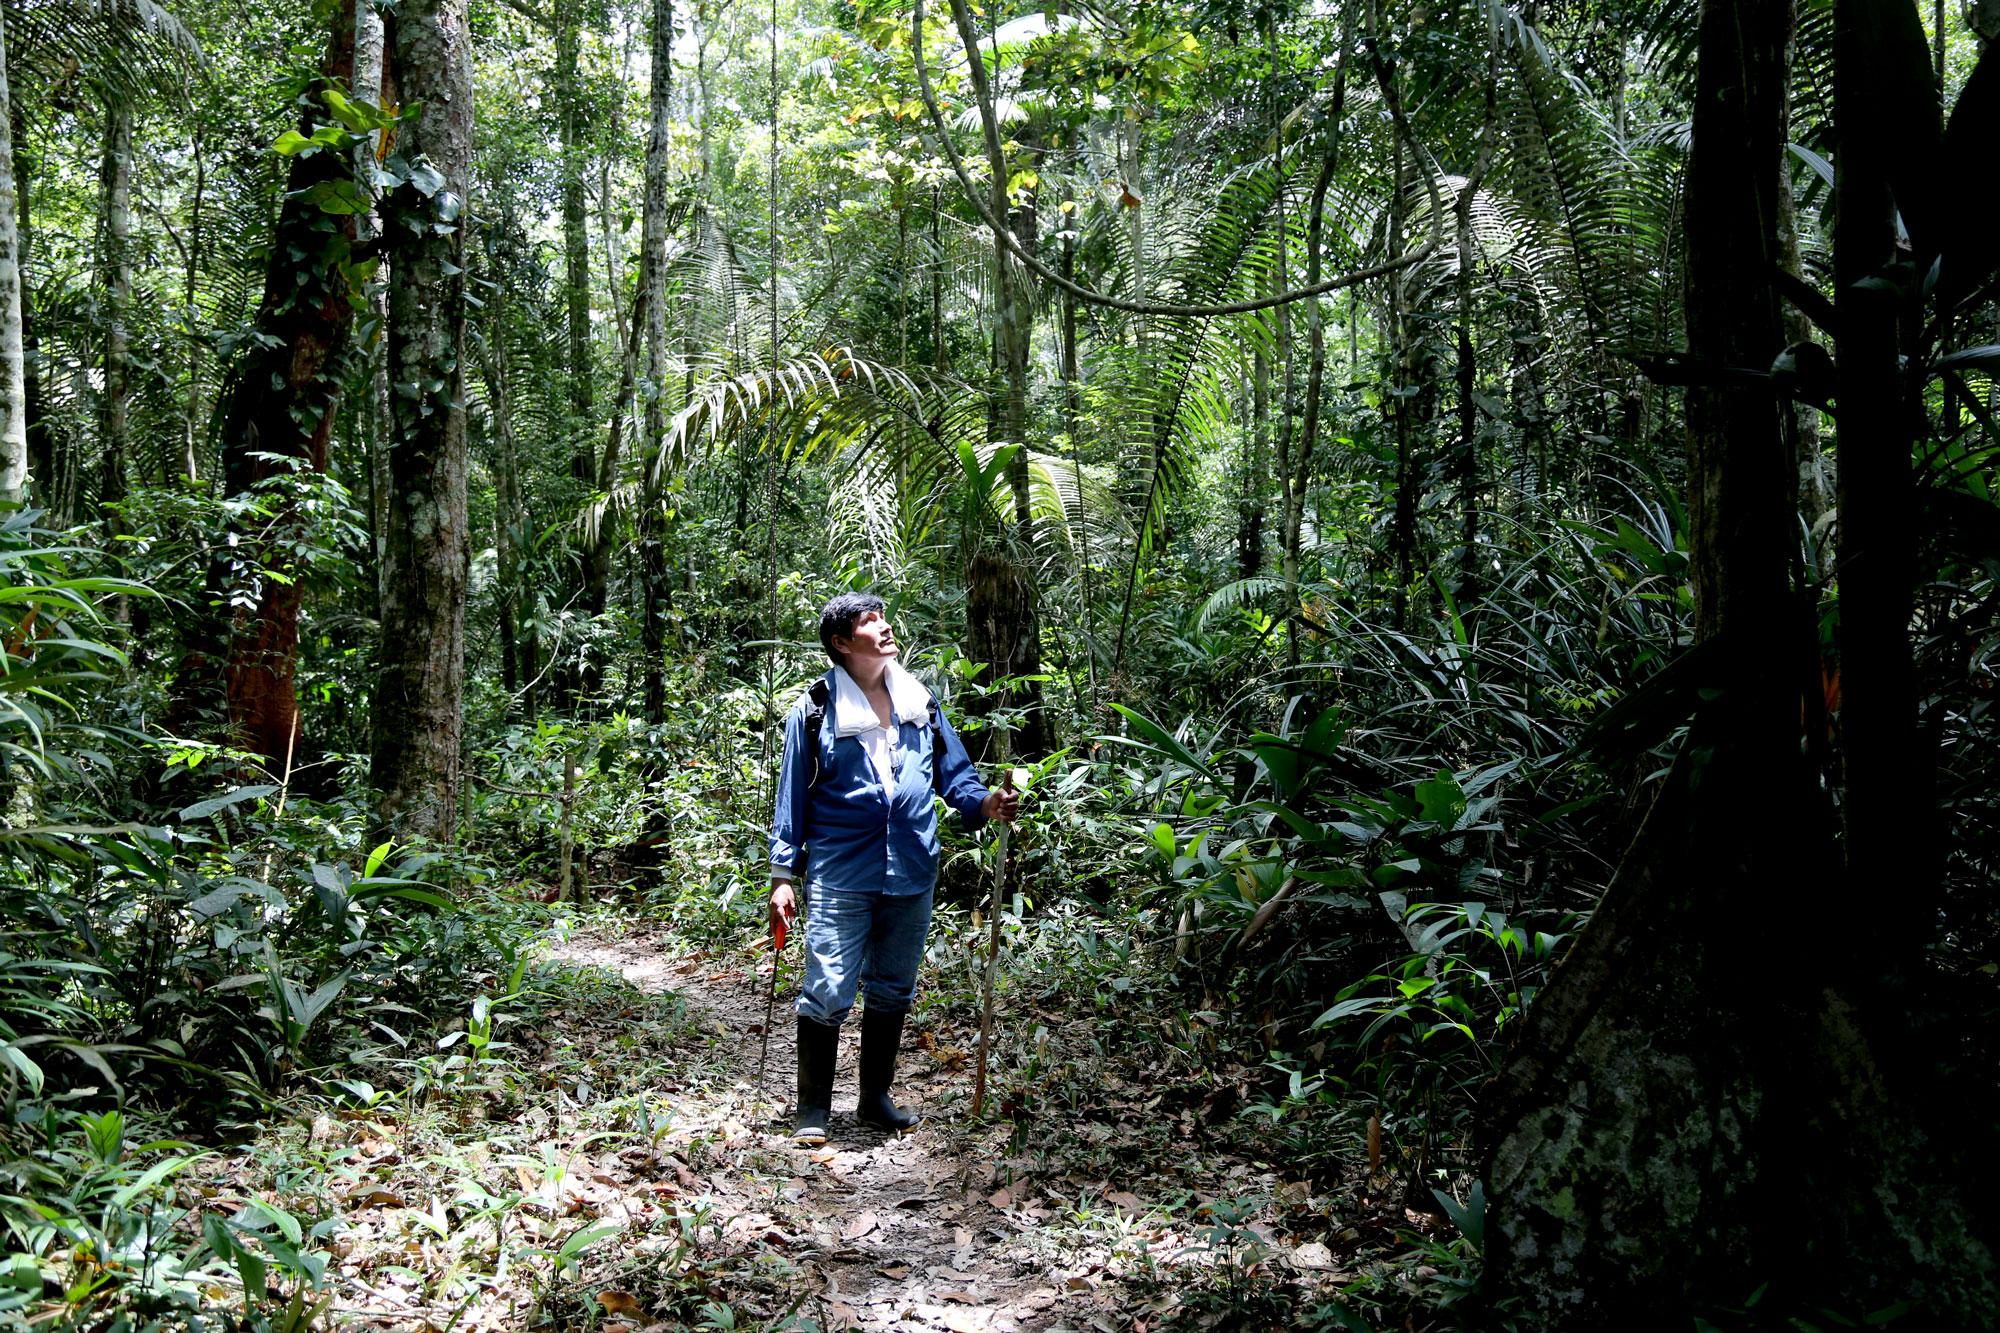 Dentro de su concesión todavía tiene un bosque primario en el que sigue reforestando y aprovechando. Es totalmente otro panorama. Foto: Diego Pérez / SPDA.